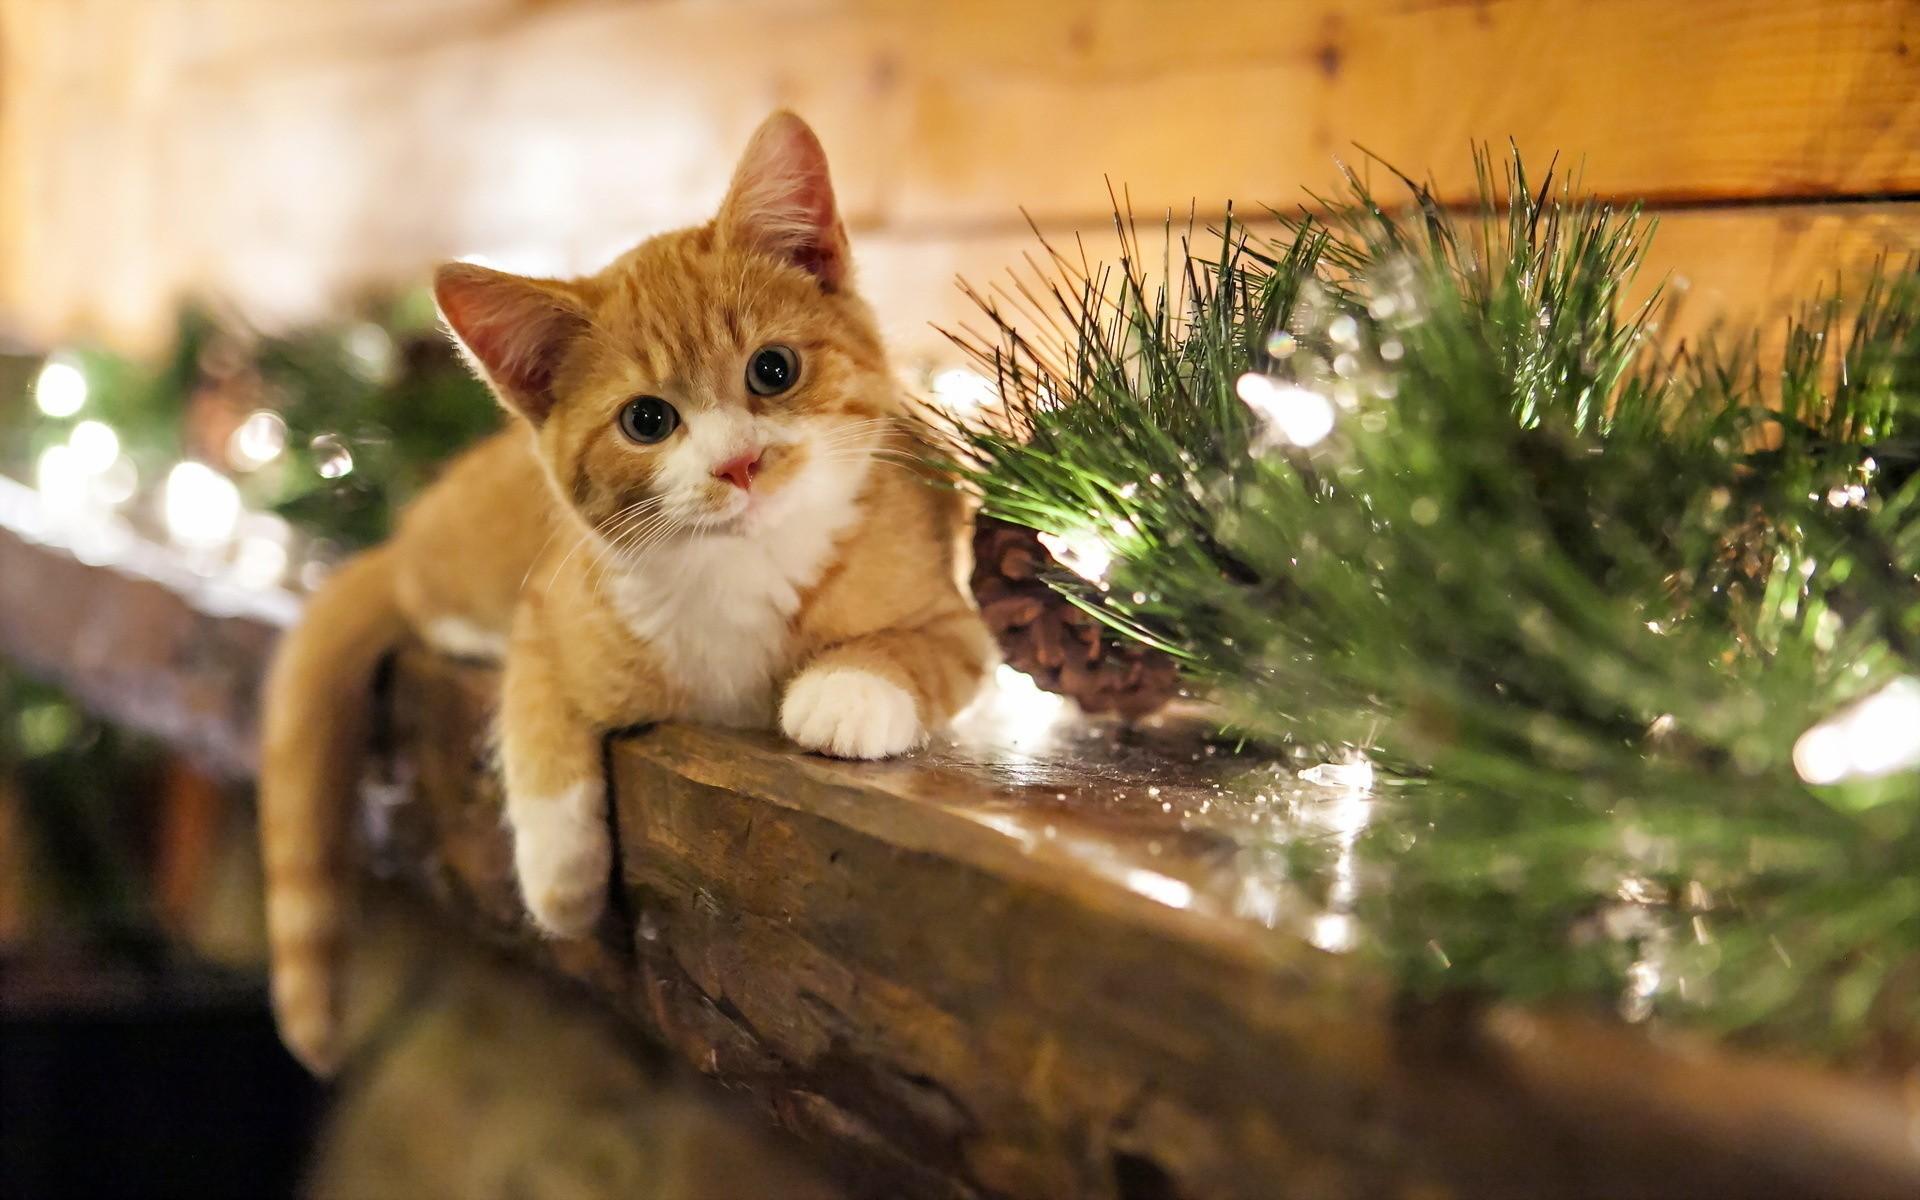 Christmas Kitten wallpapers Christmas Kitten stock photos 1920x1200